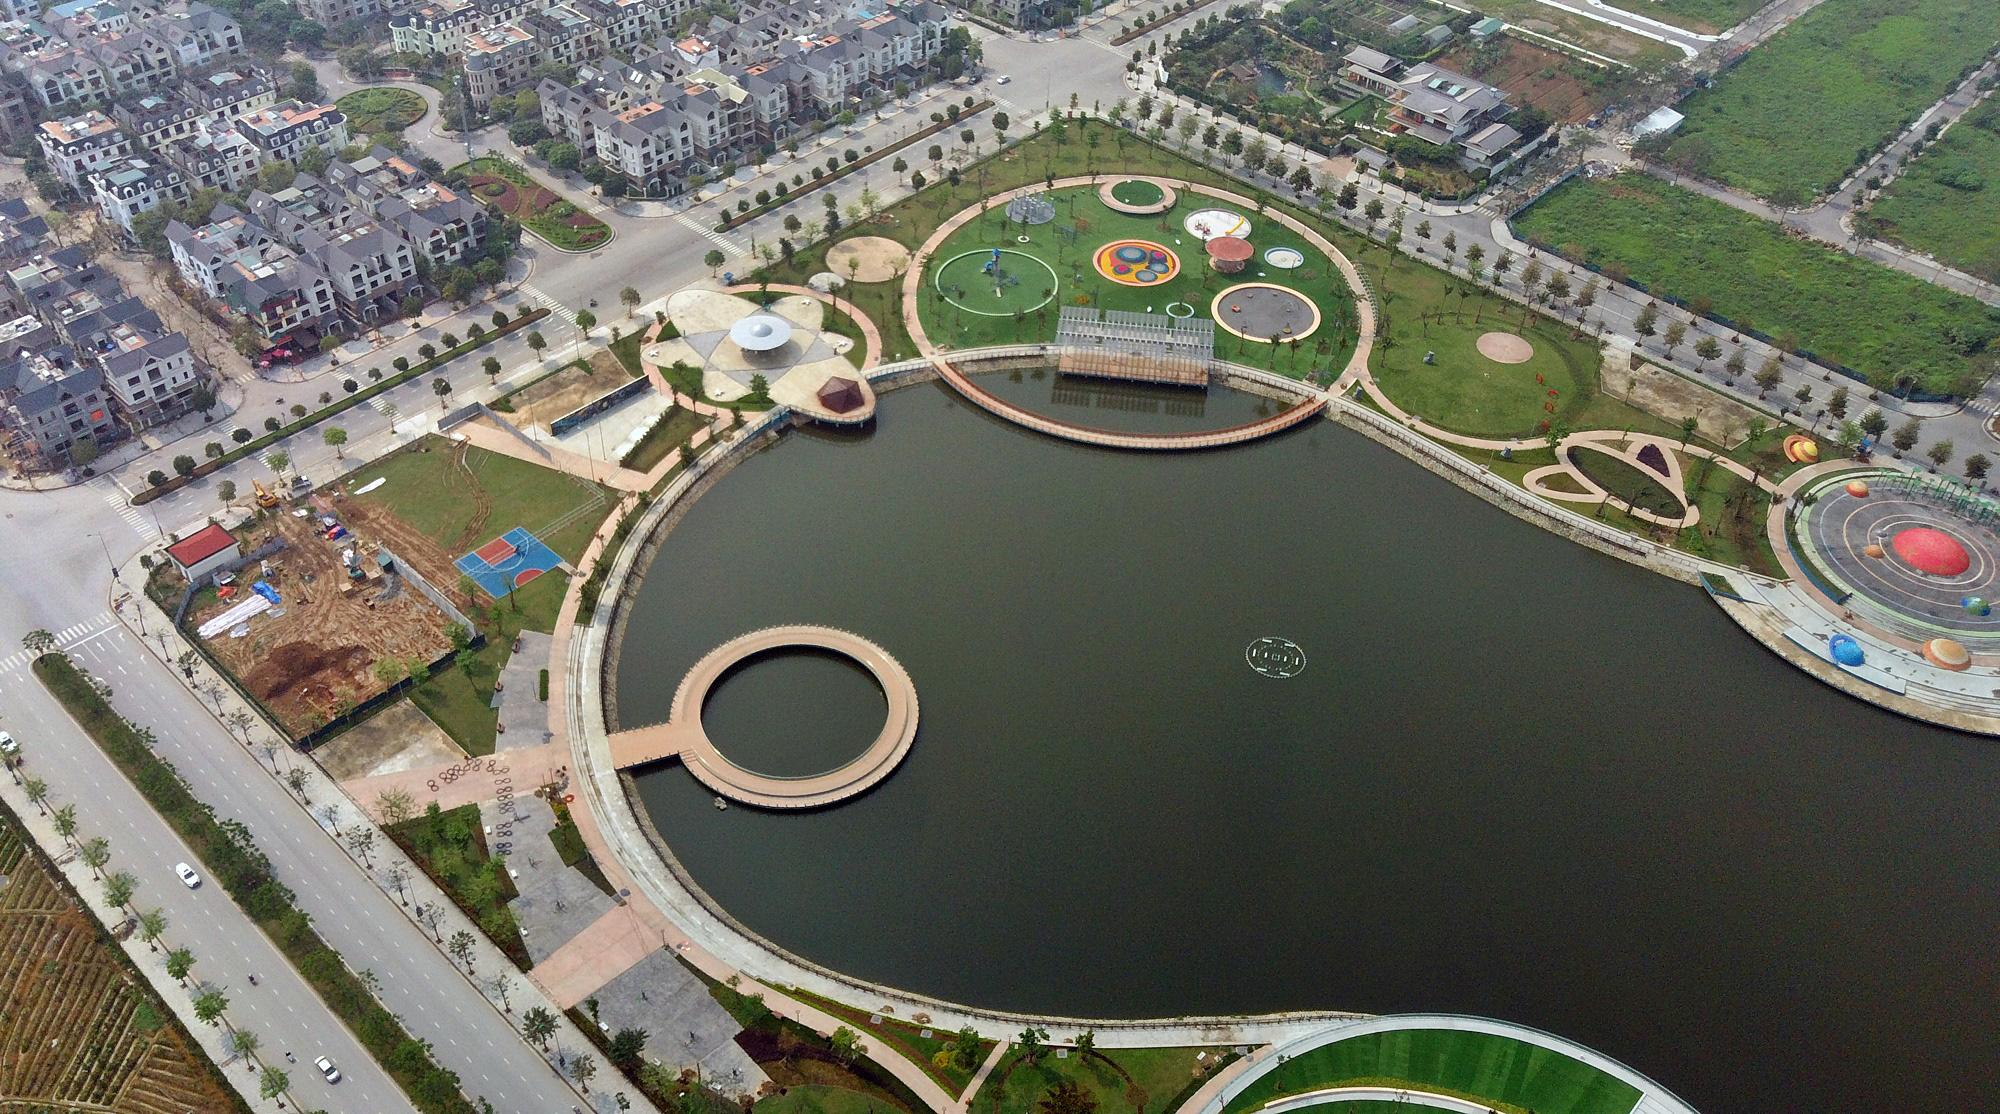 Công viên Thiên văn học đầu tiên Đông Nam Á ở KĐT Dương Nội đẹp lung linh nhìn từ trên cao - Ảnh 8.